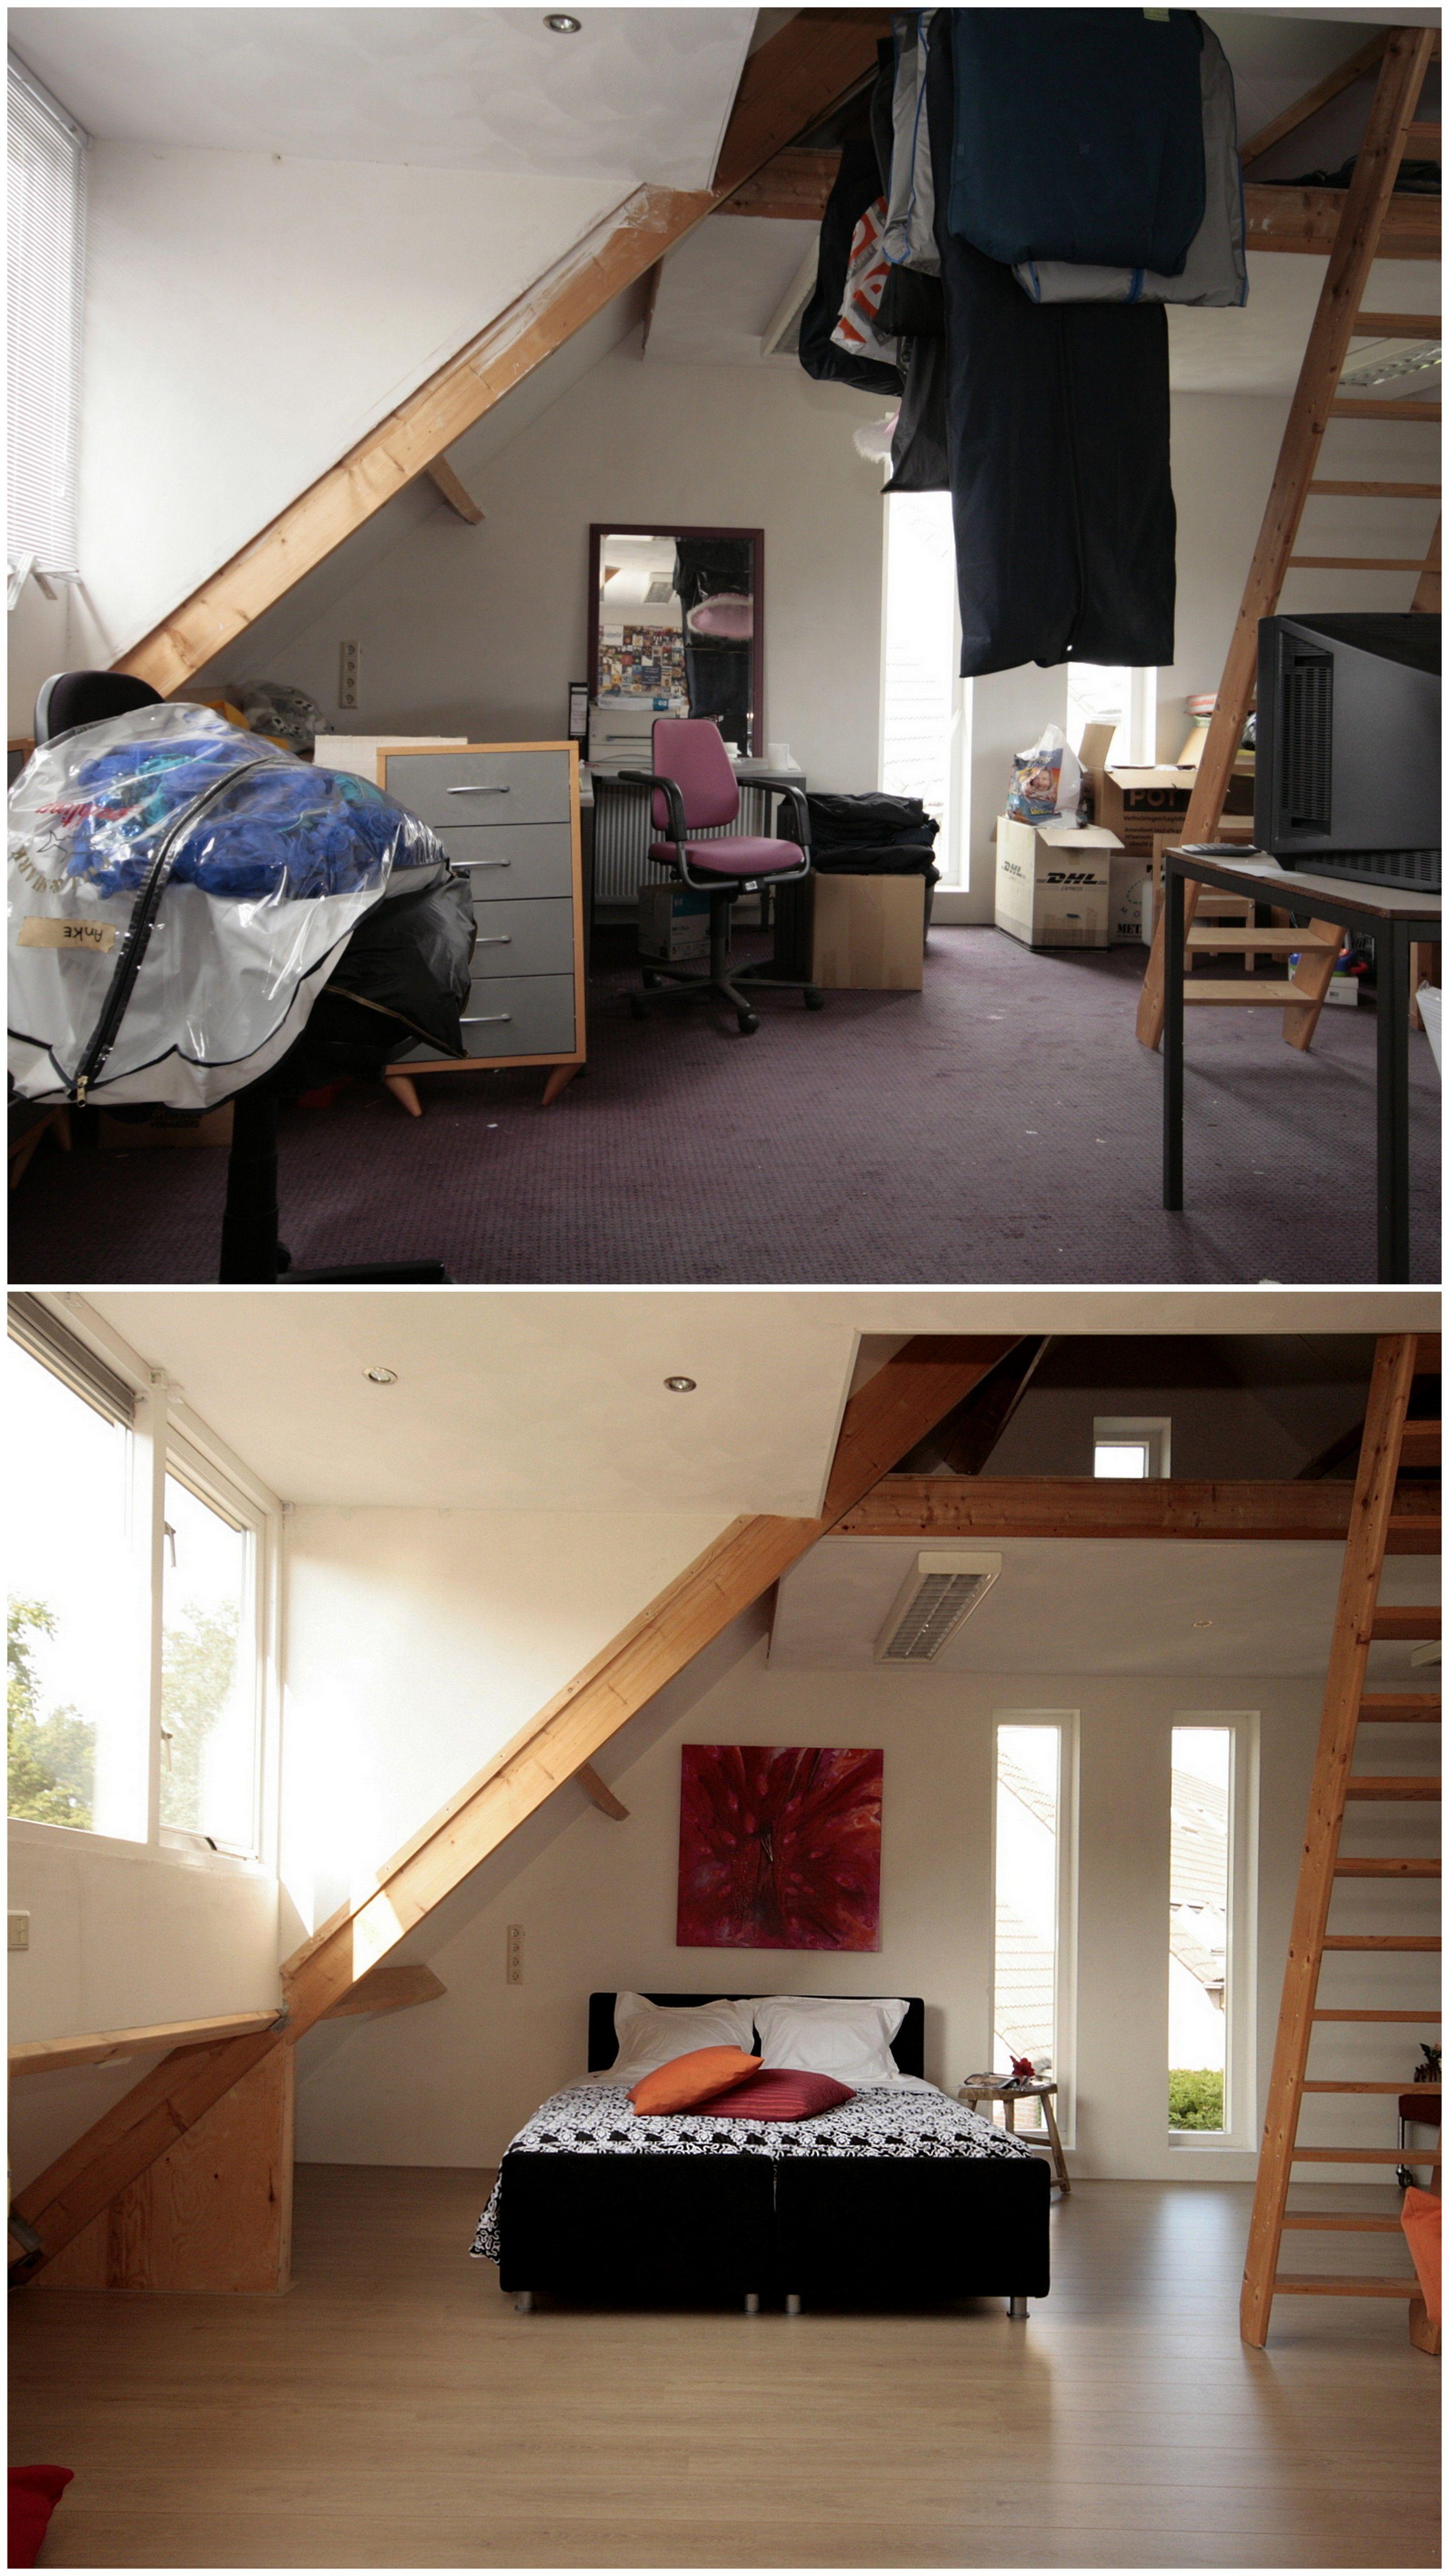 hoogland november 2012 hetzelfde huis en dezelfde zolder maar op